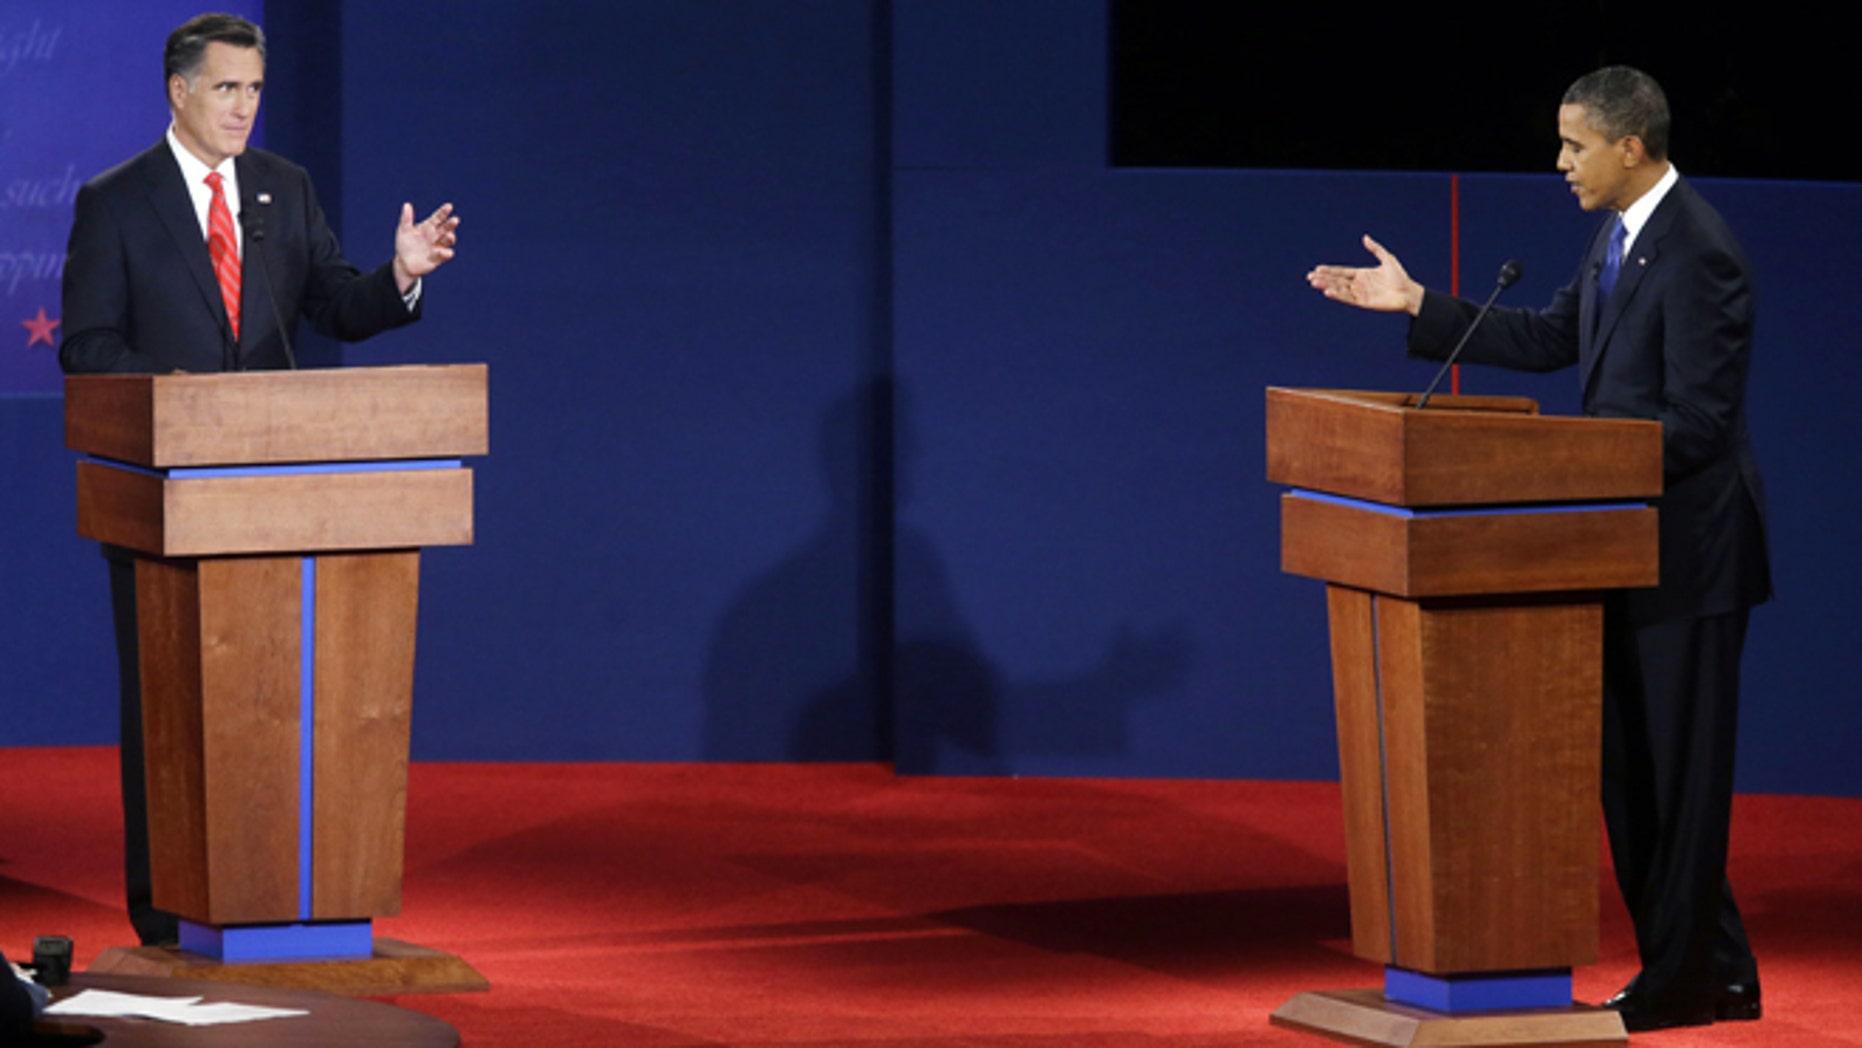 Republican presidential candidate, former Massachusetts Gov. Mitt Romney, left, and President Barack Obama, right, debate at the University of Denver, Wednesday, Oct. 3, 2012, in Denver. (AP Photo/Pablo Martinez Monsivais)